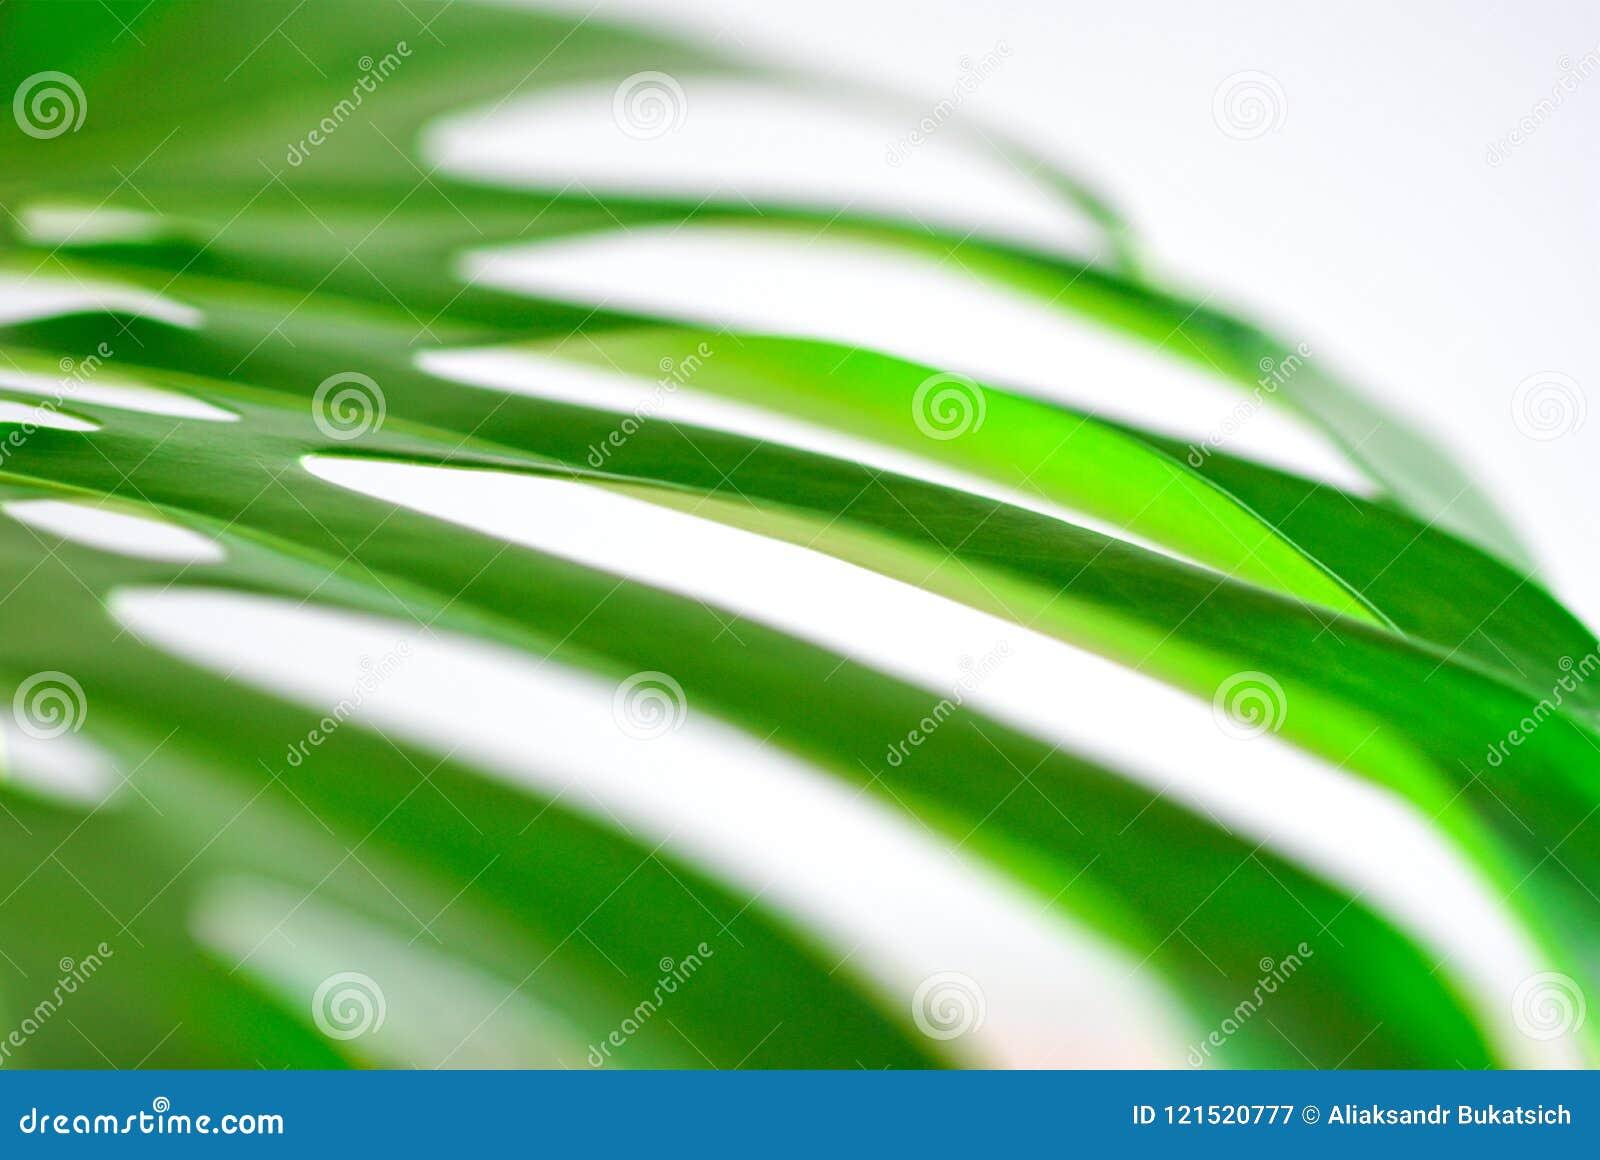 Grande feuille verte d un plan rapproché de plante tropicale